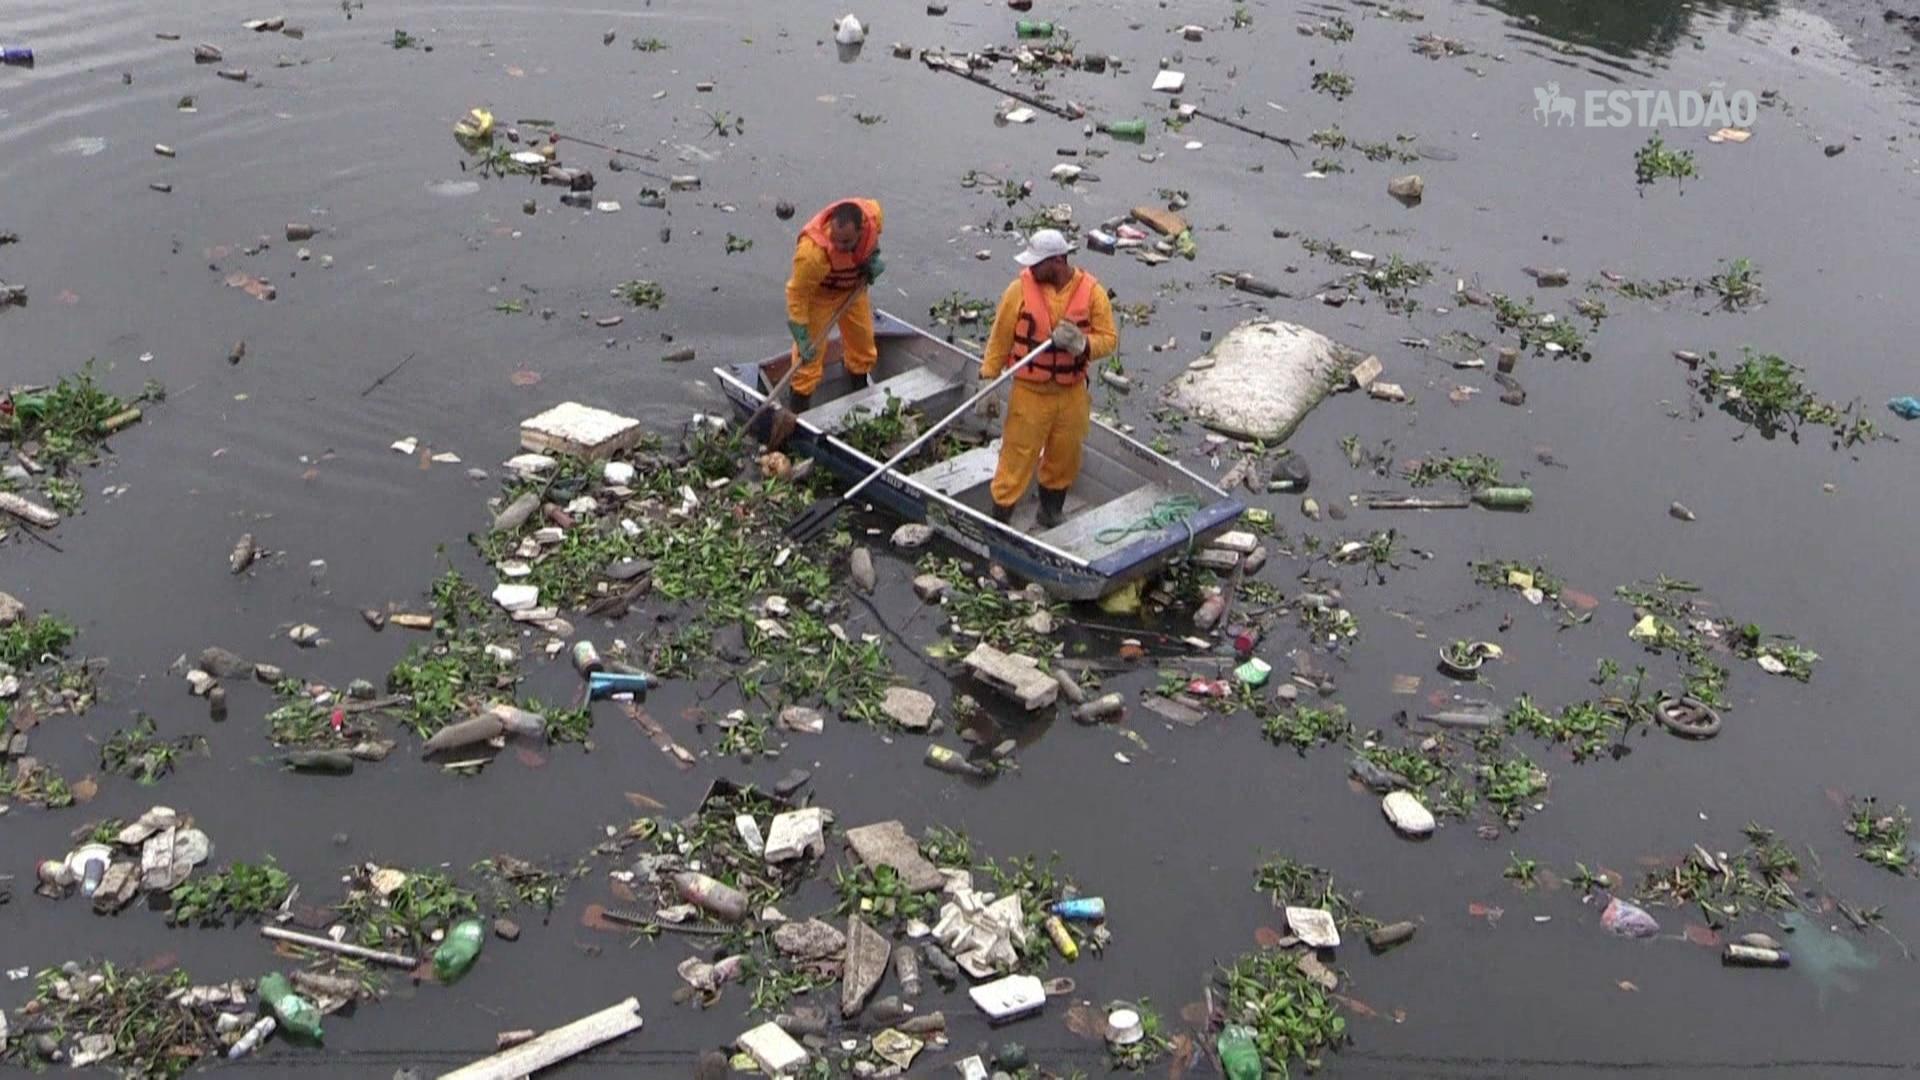 A corrida para retirar o lixo da Baía de Guanabara